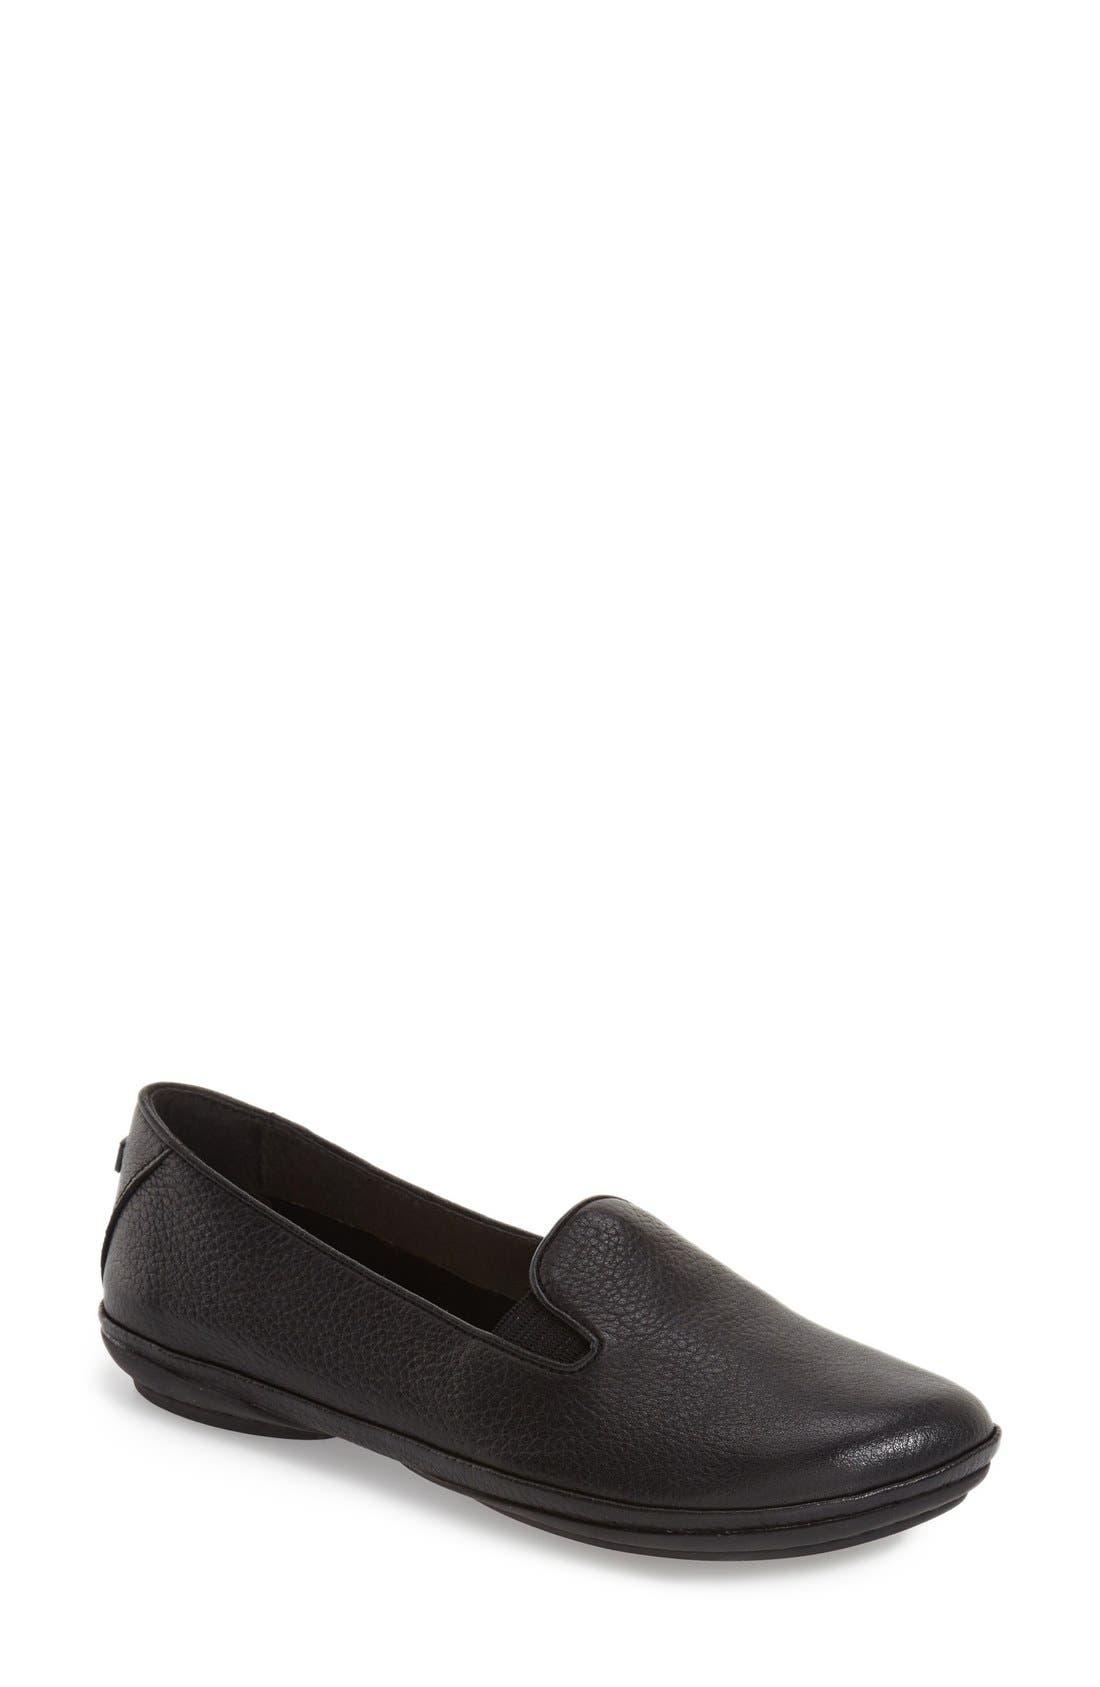 'Right Nina' Leather Flat,                             Main thumbnail 1, color,                             Black/ Black Leather